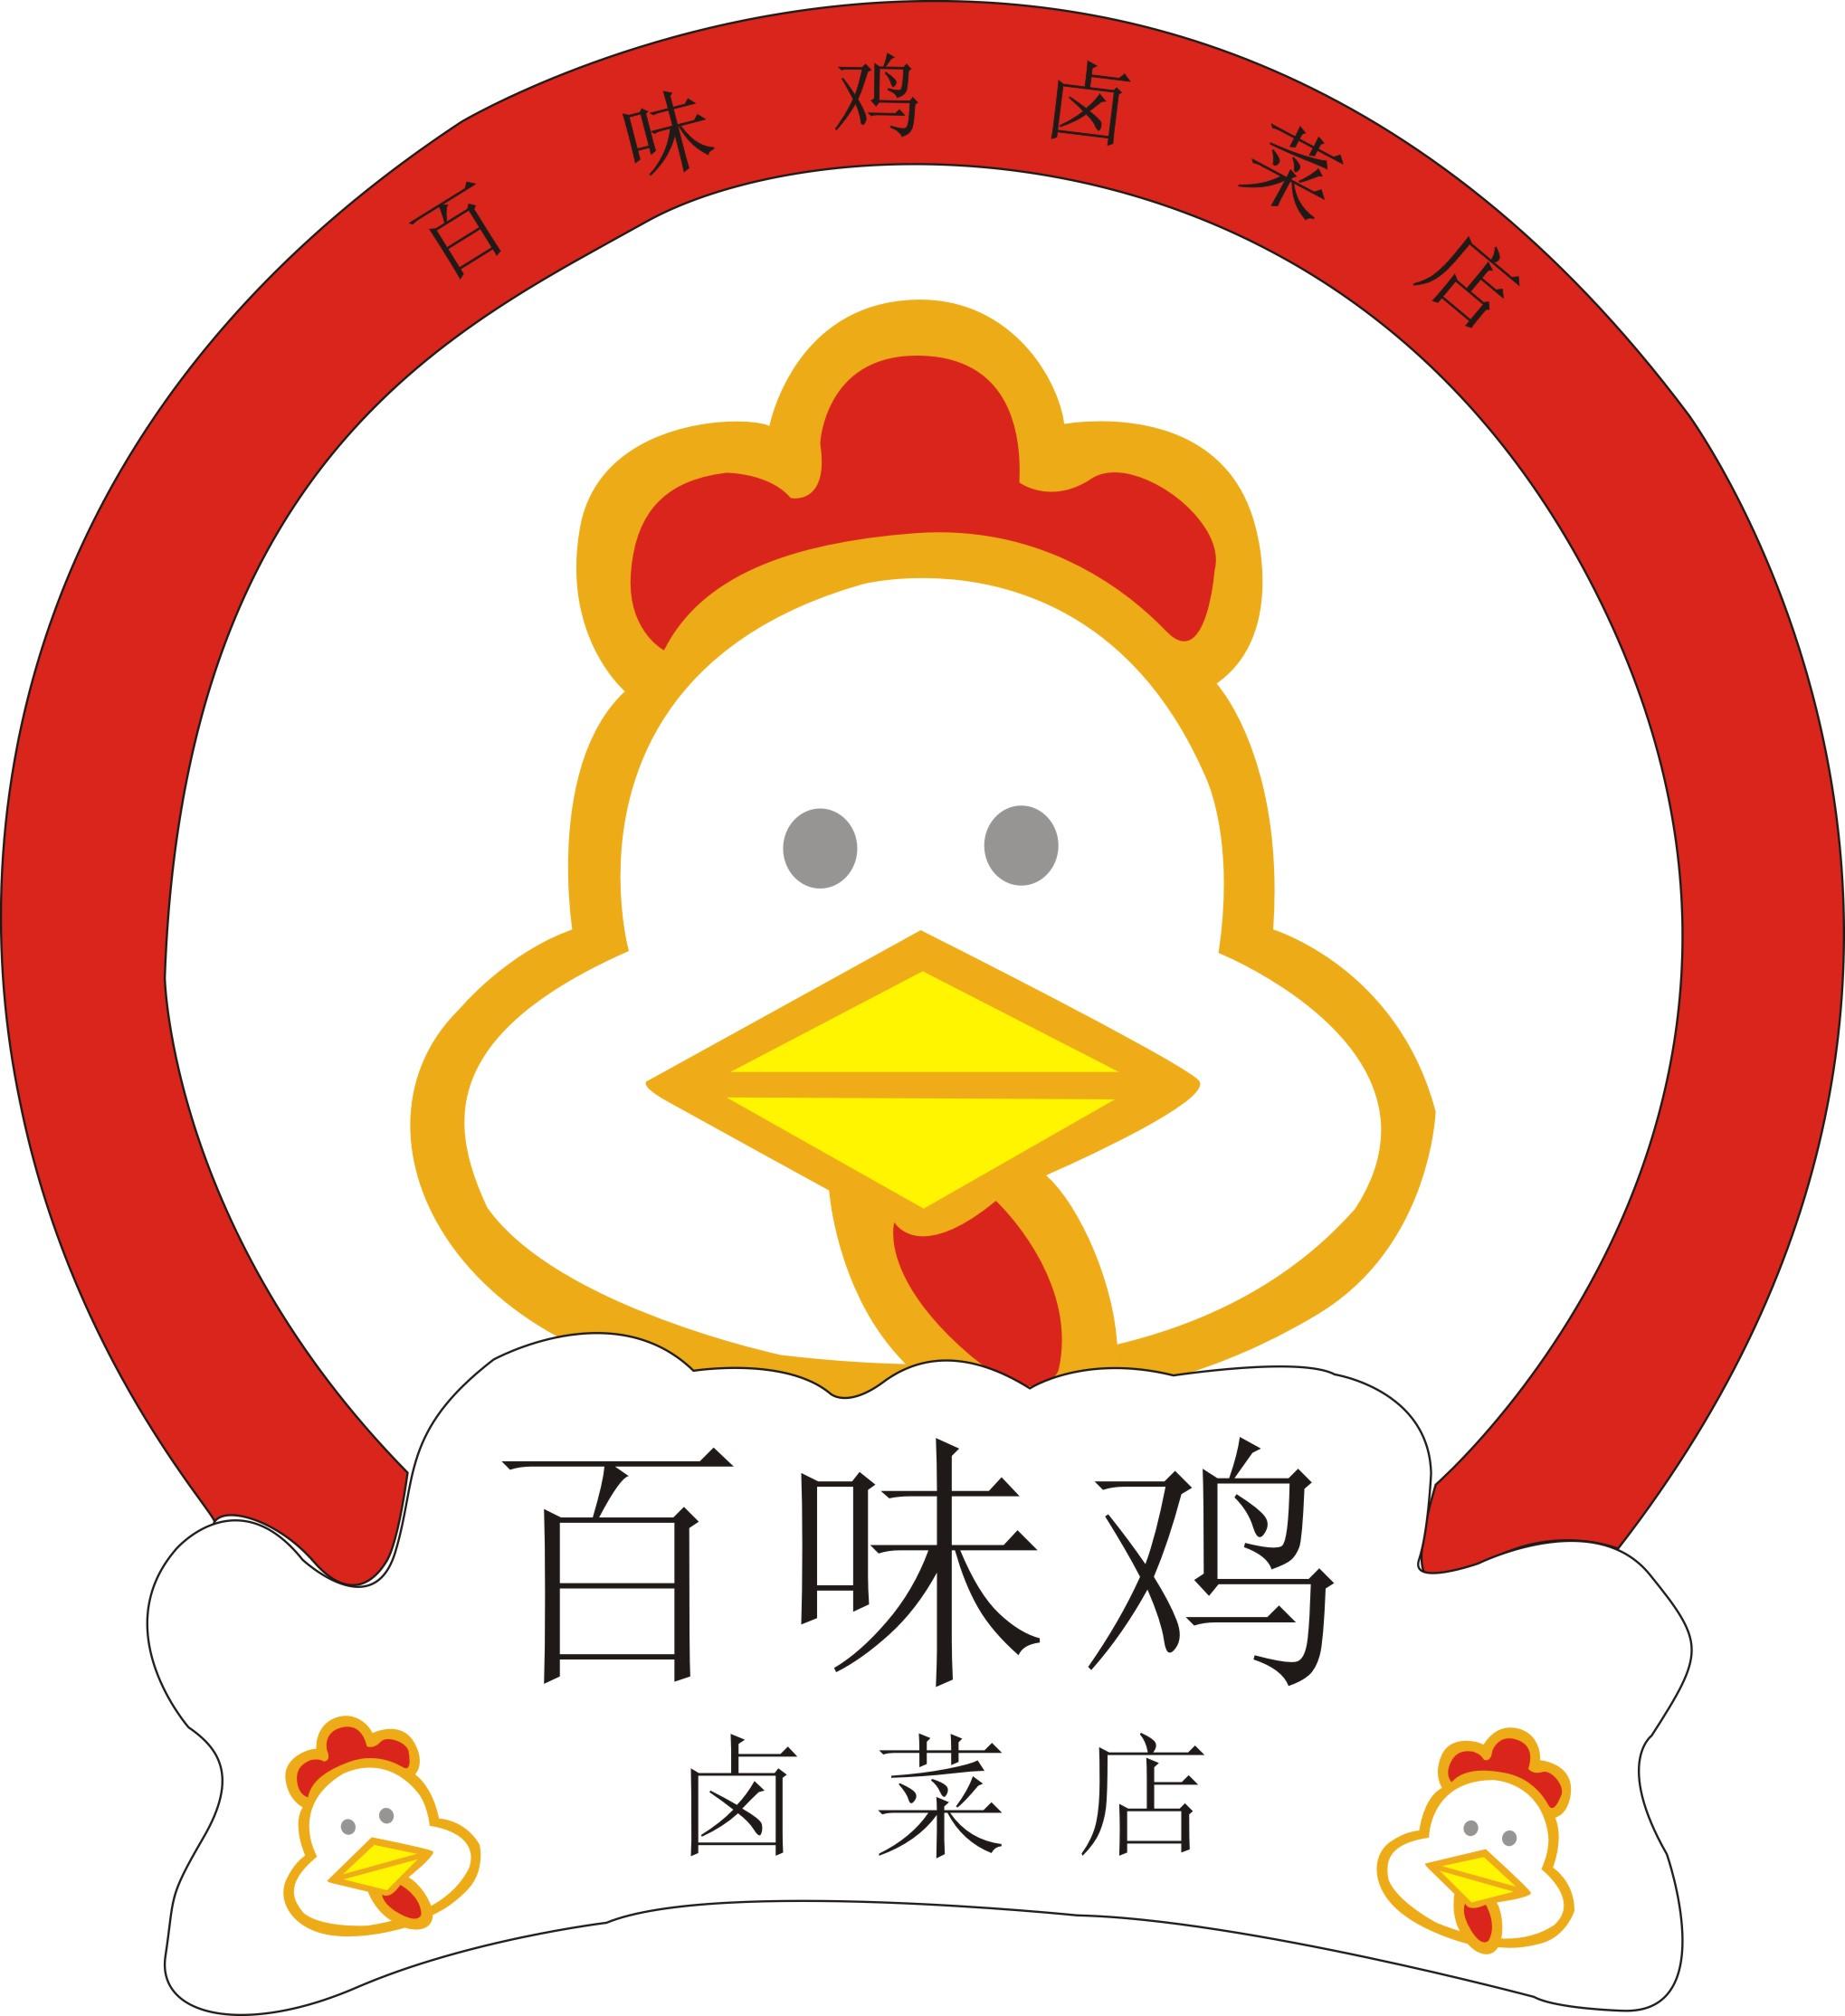 知名熟食品牌设计一个logo设计